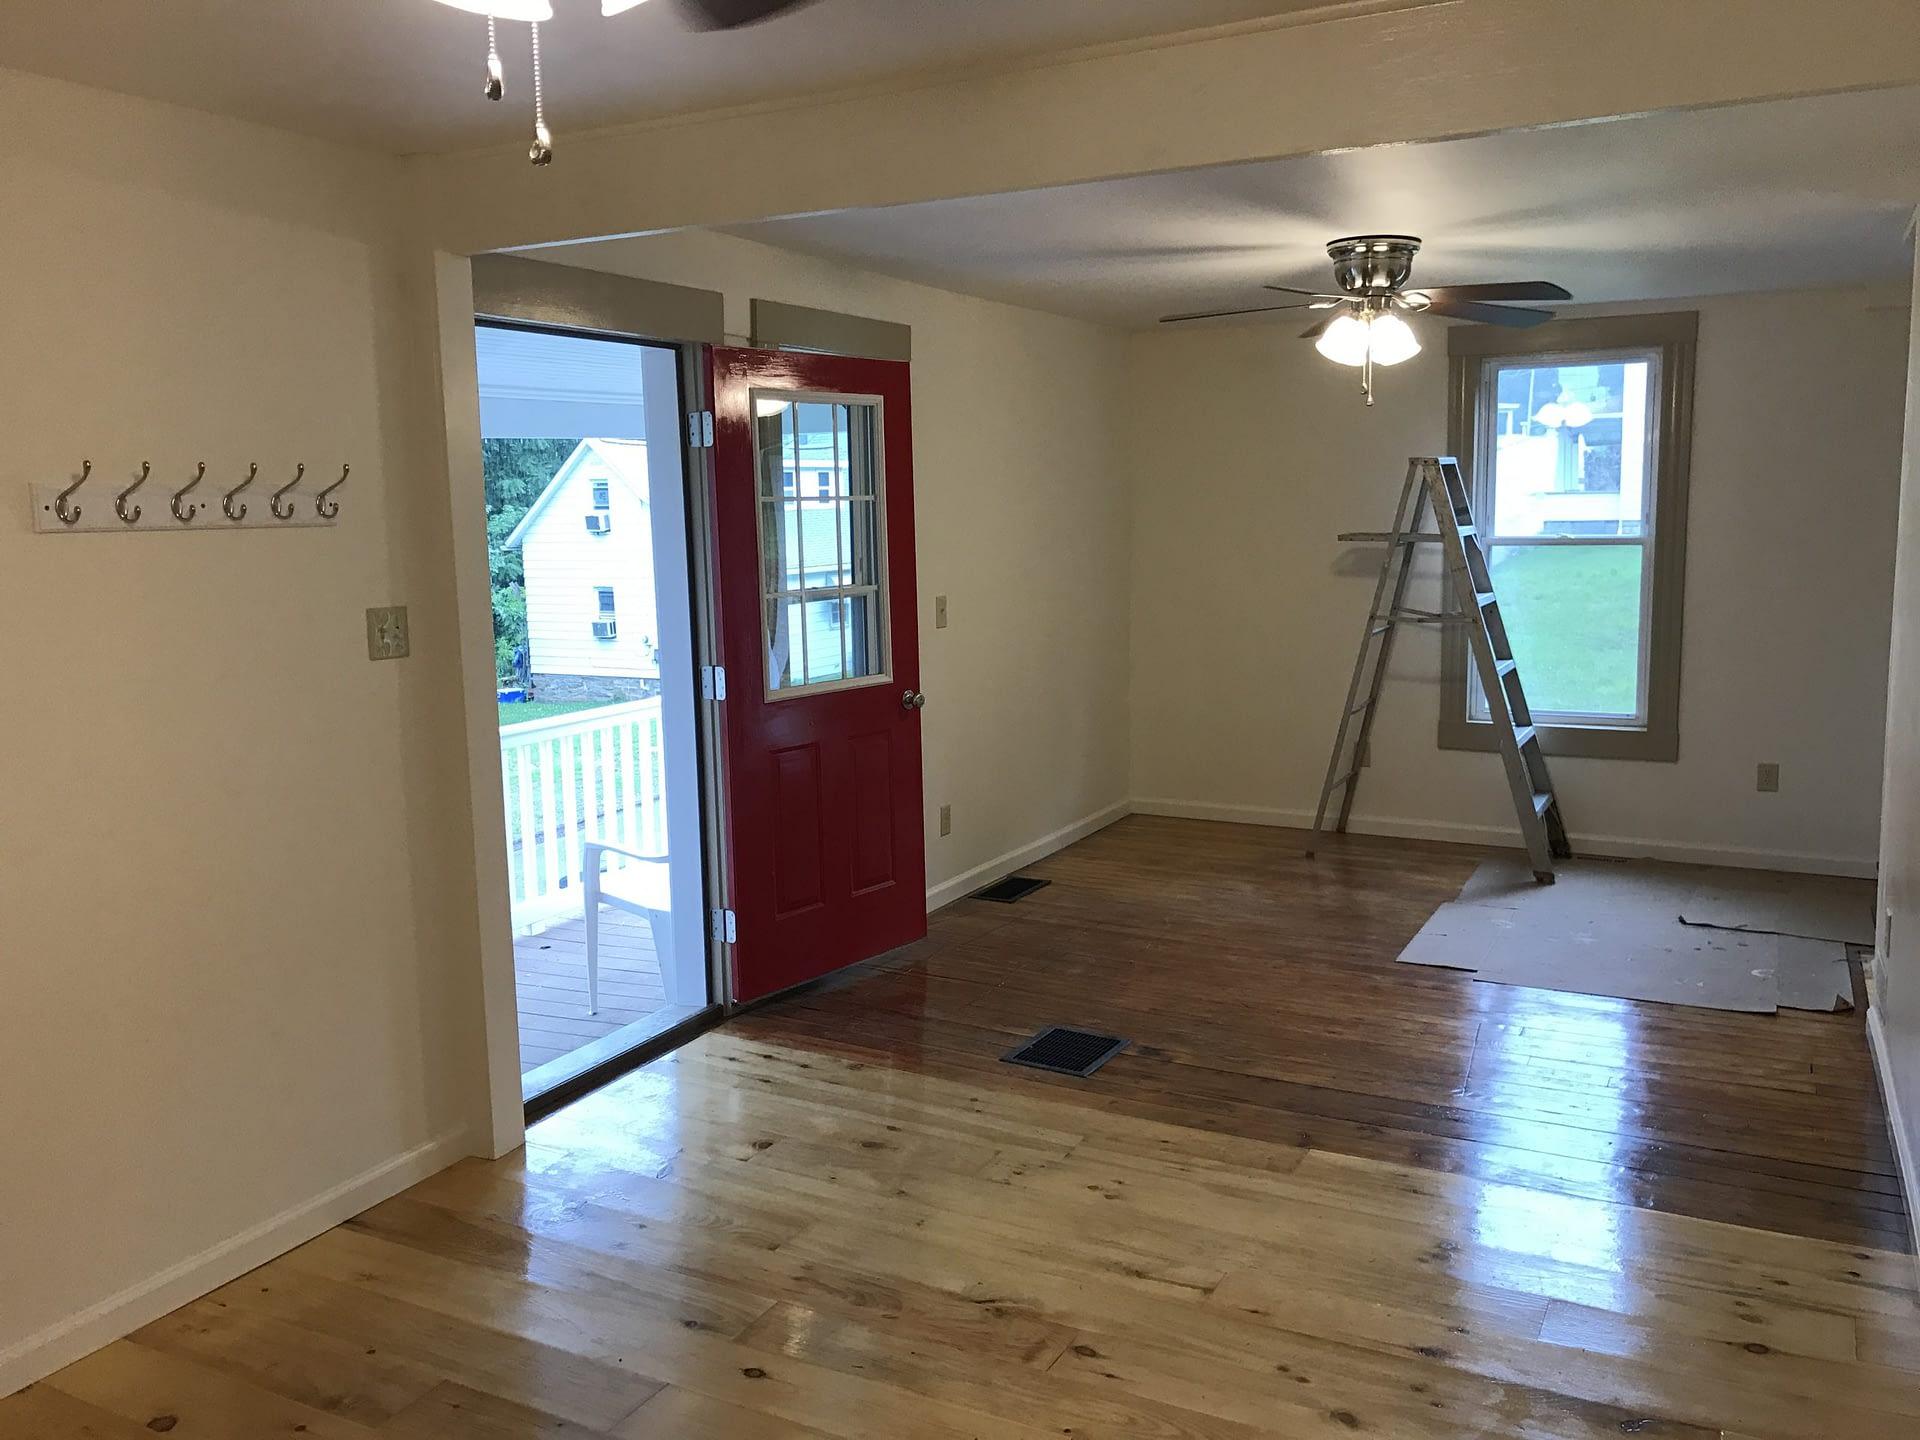 Living room with view of front door